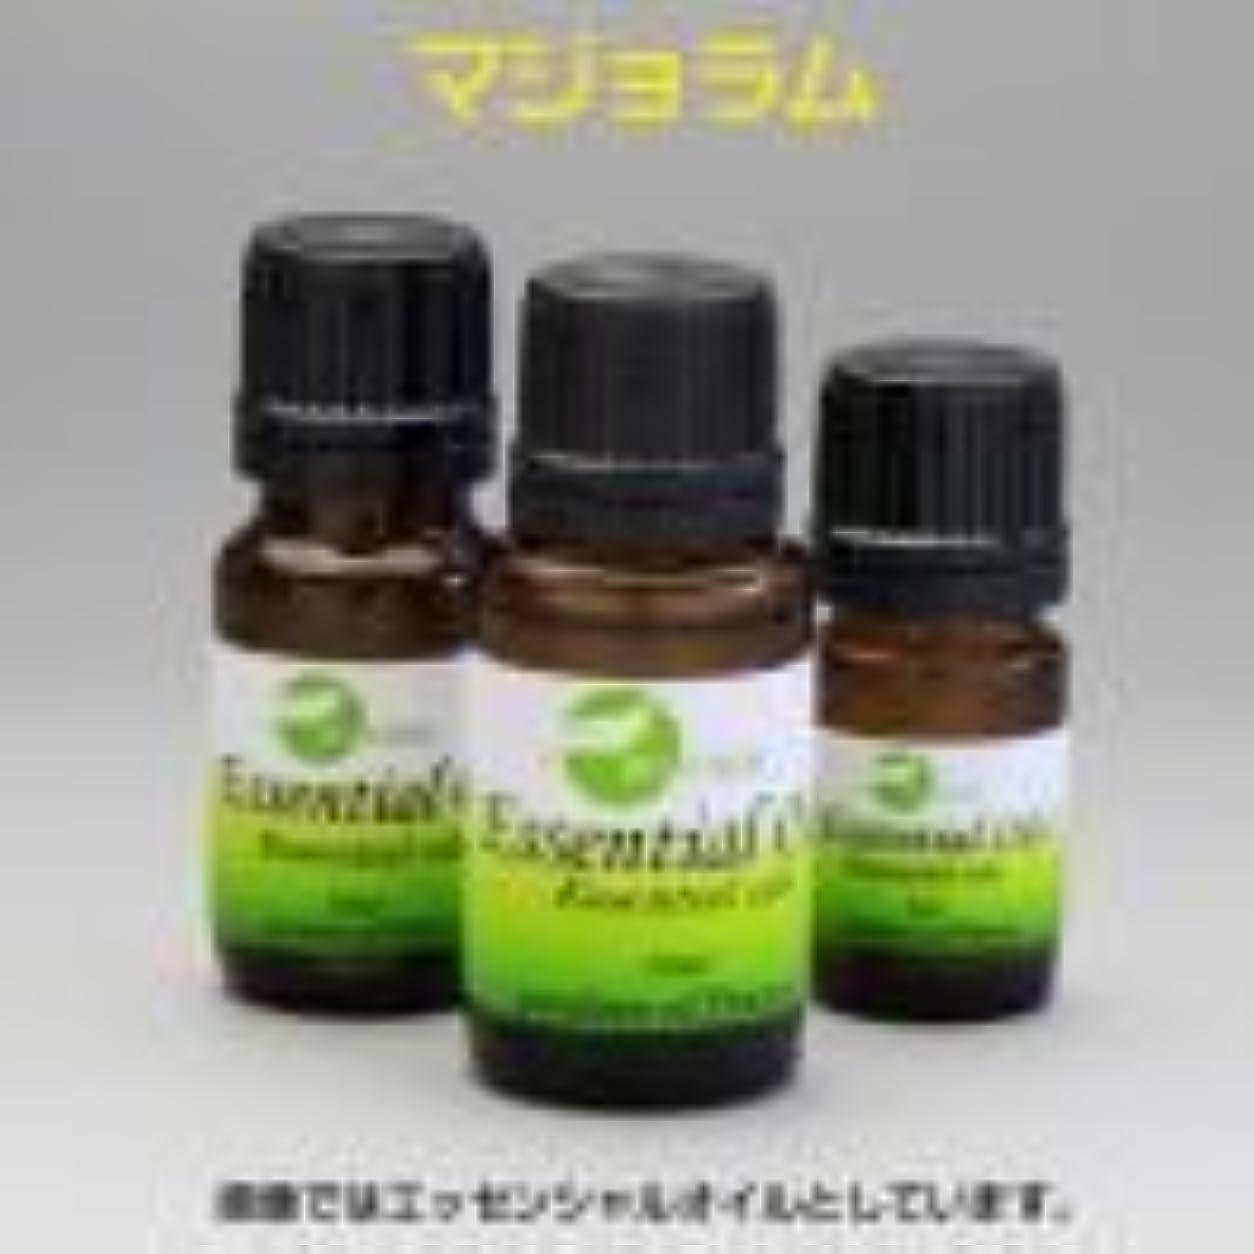 カウントカブ円形の[エッセンシャルオイル] スパイシーで温かみのある甘い香り マジョラム 15ml